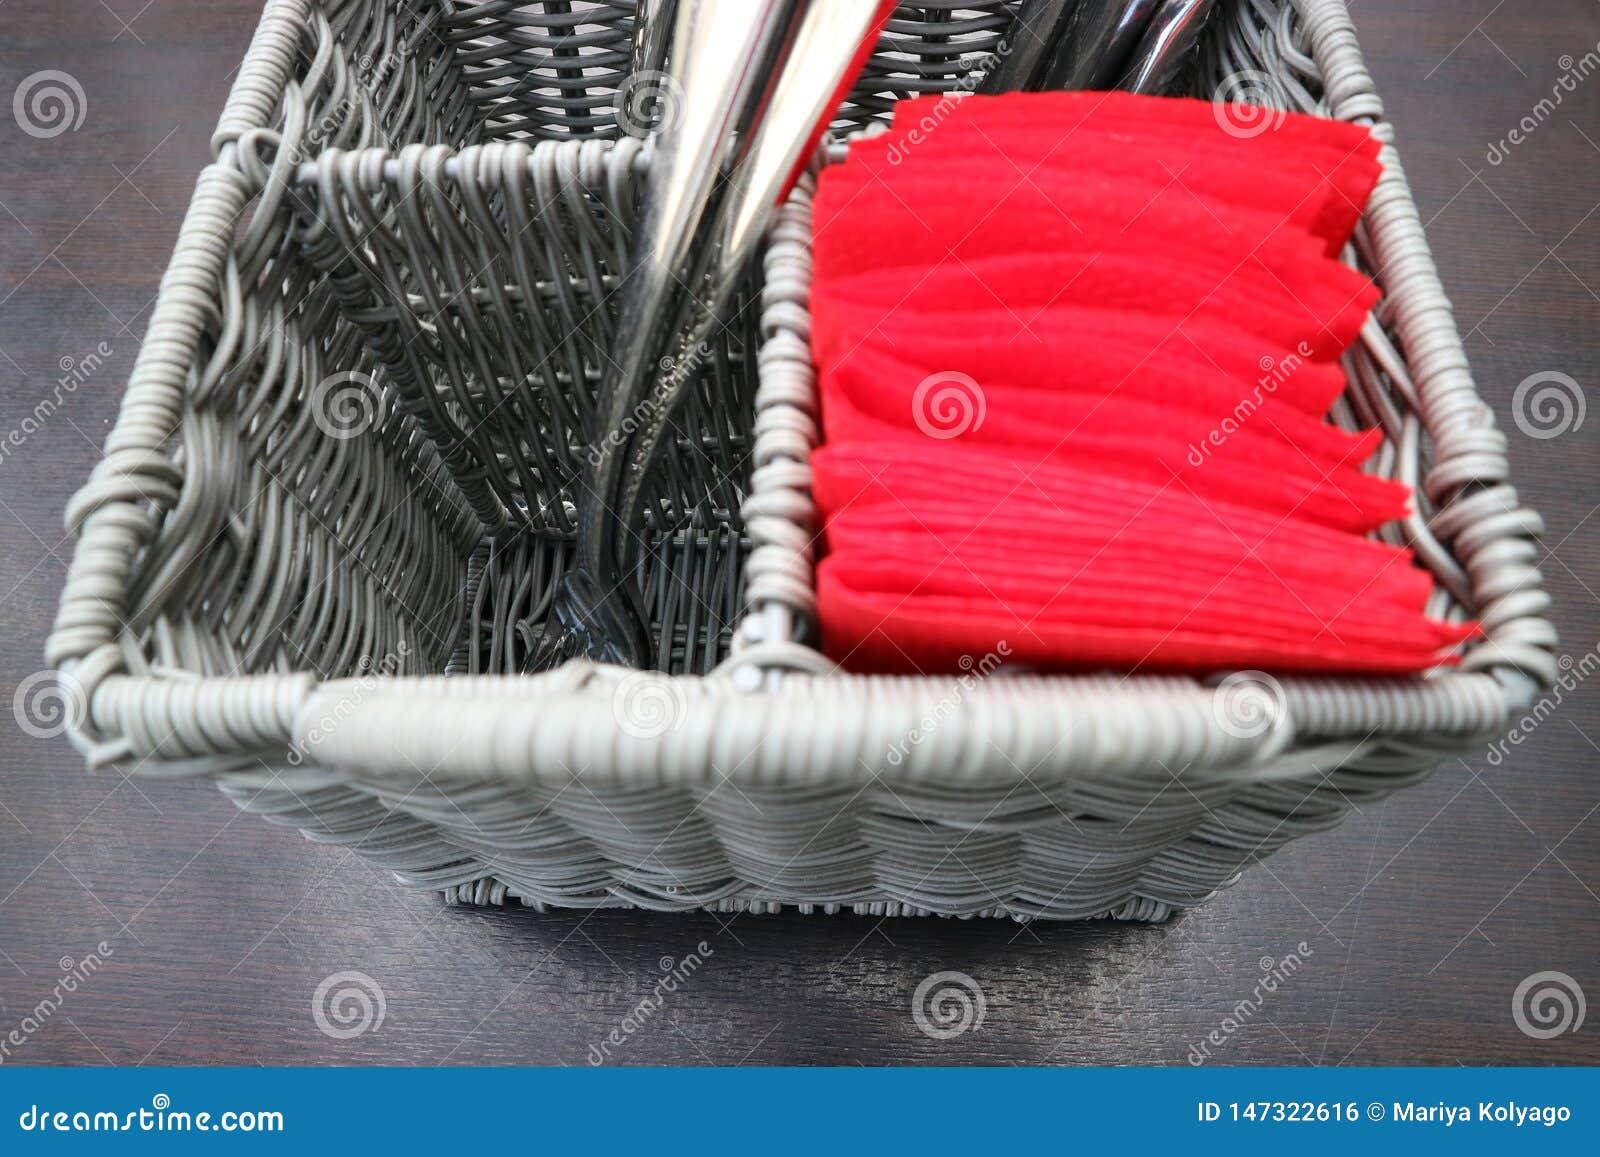 Utensilios de servicio de la cocina en una cesta de mimbre con las bifurcaciones y los cuchillos en la tabla